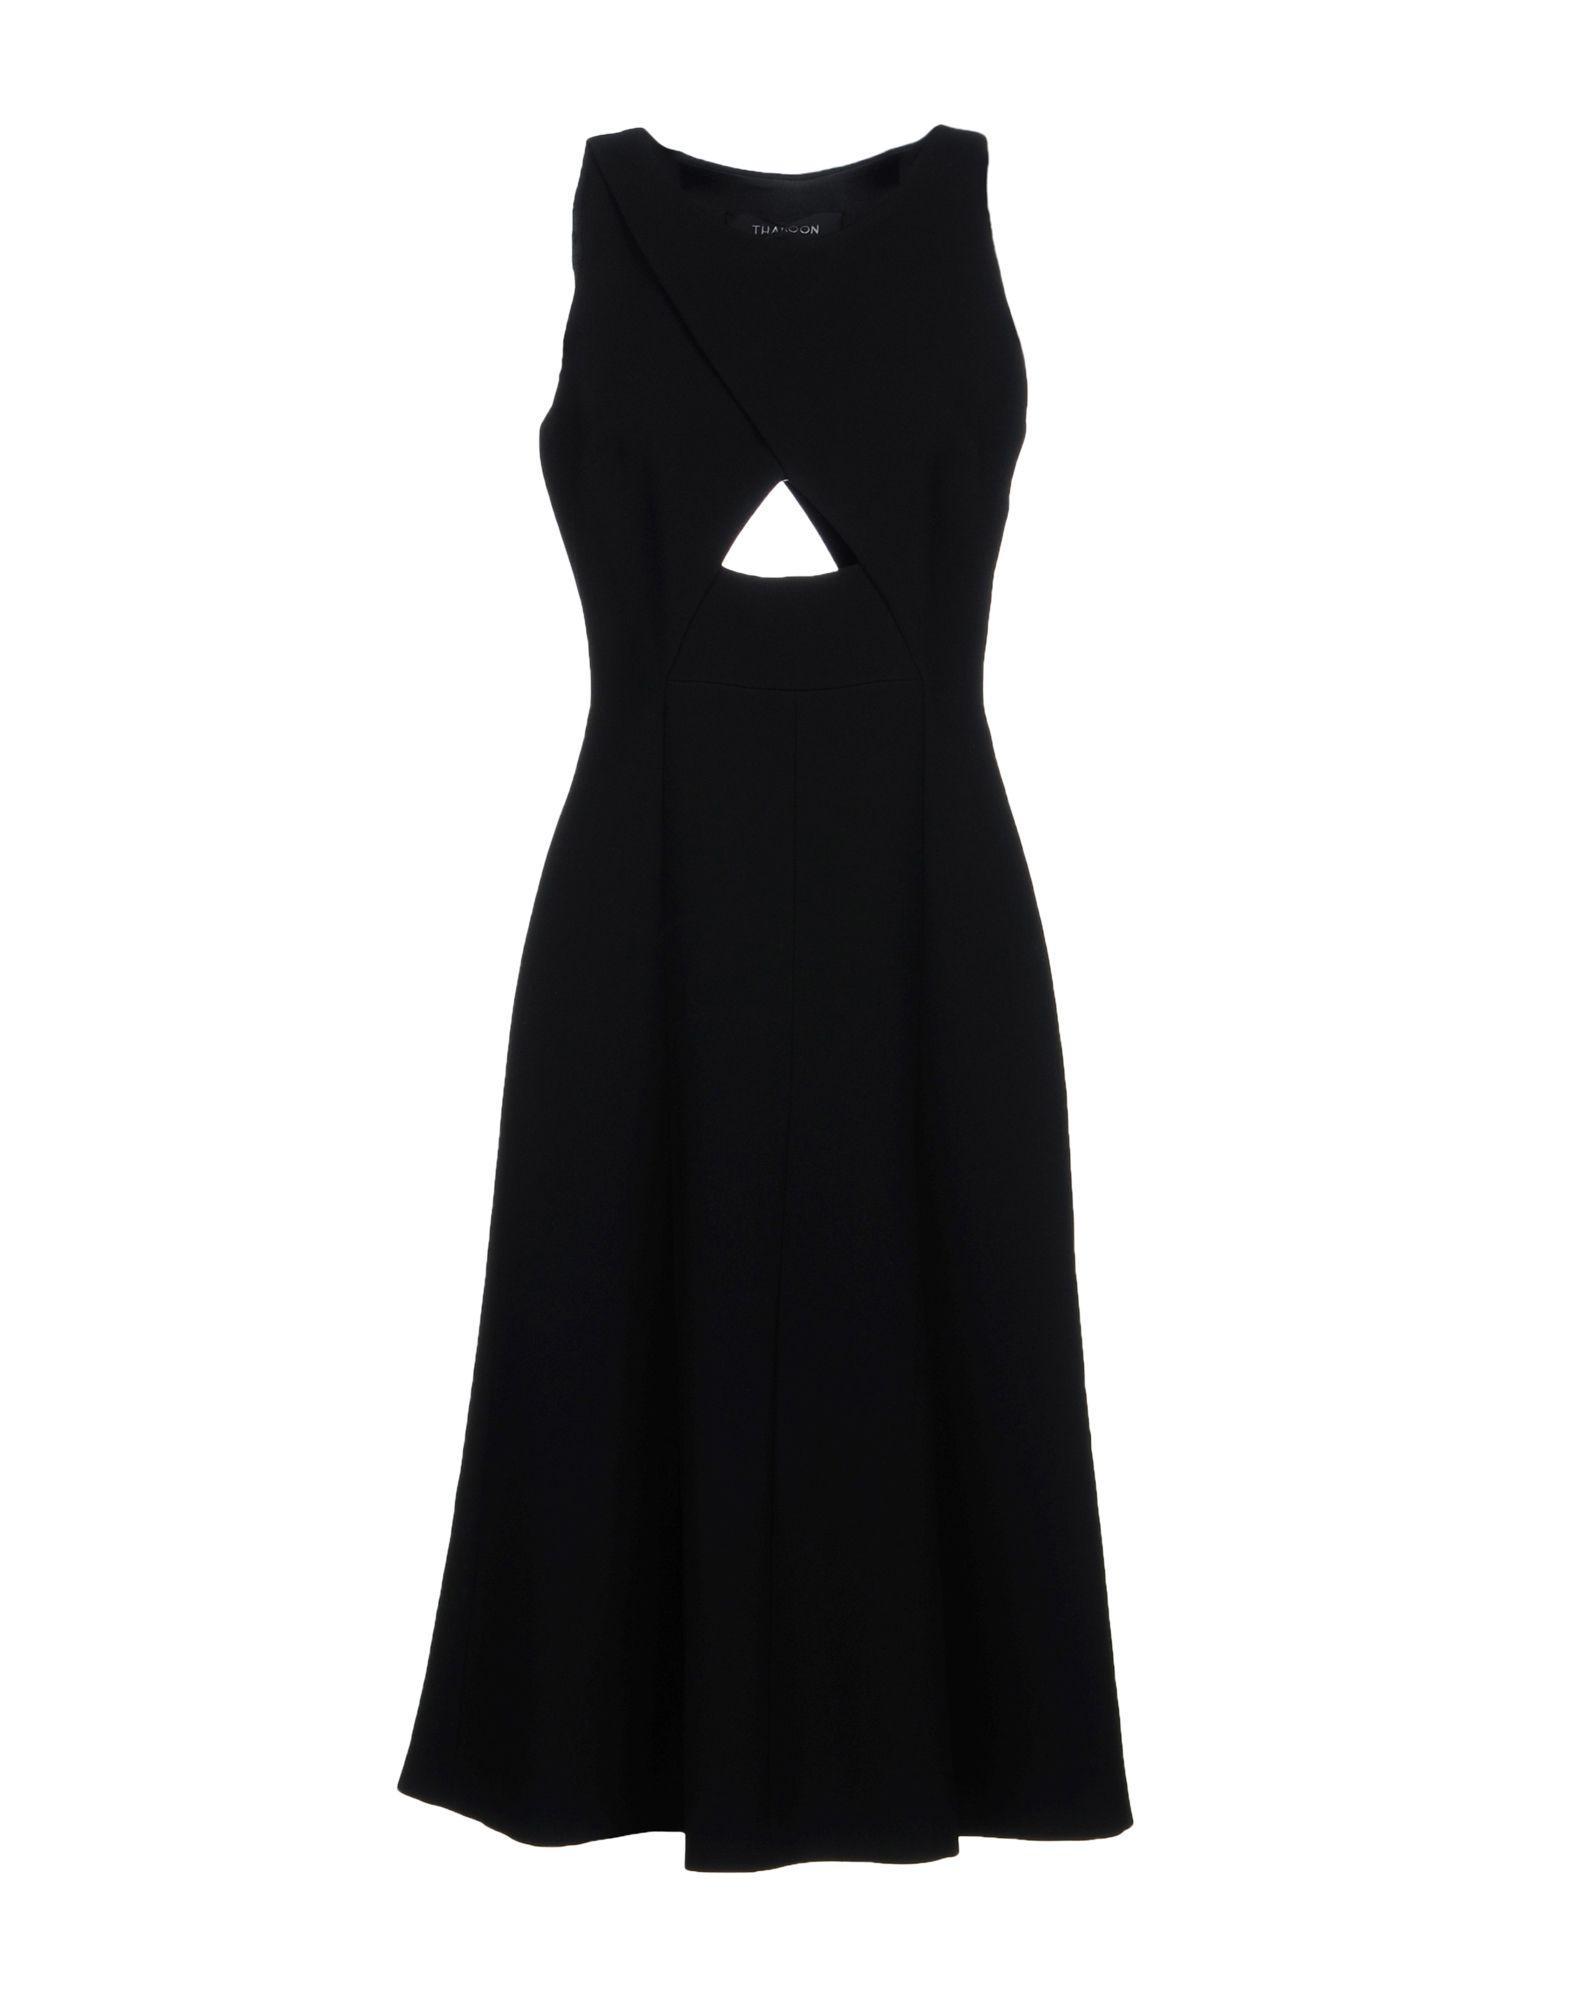 Thakoon Knee-length Dress In Black